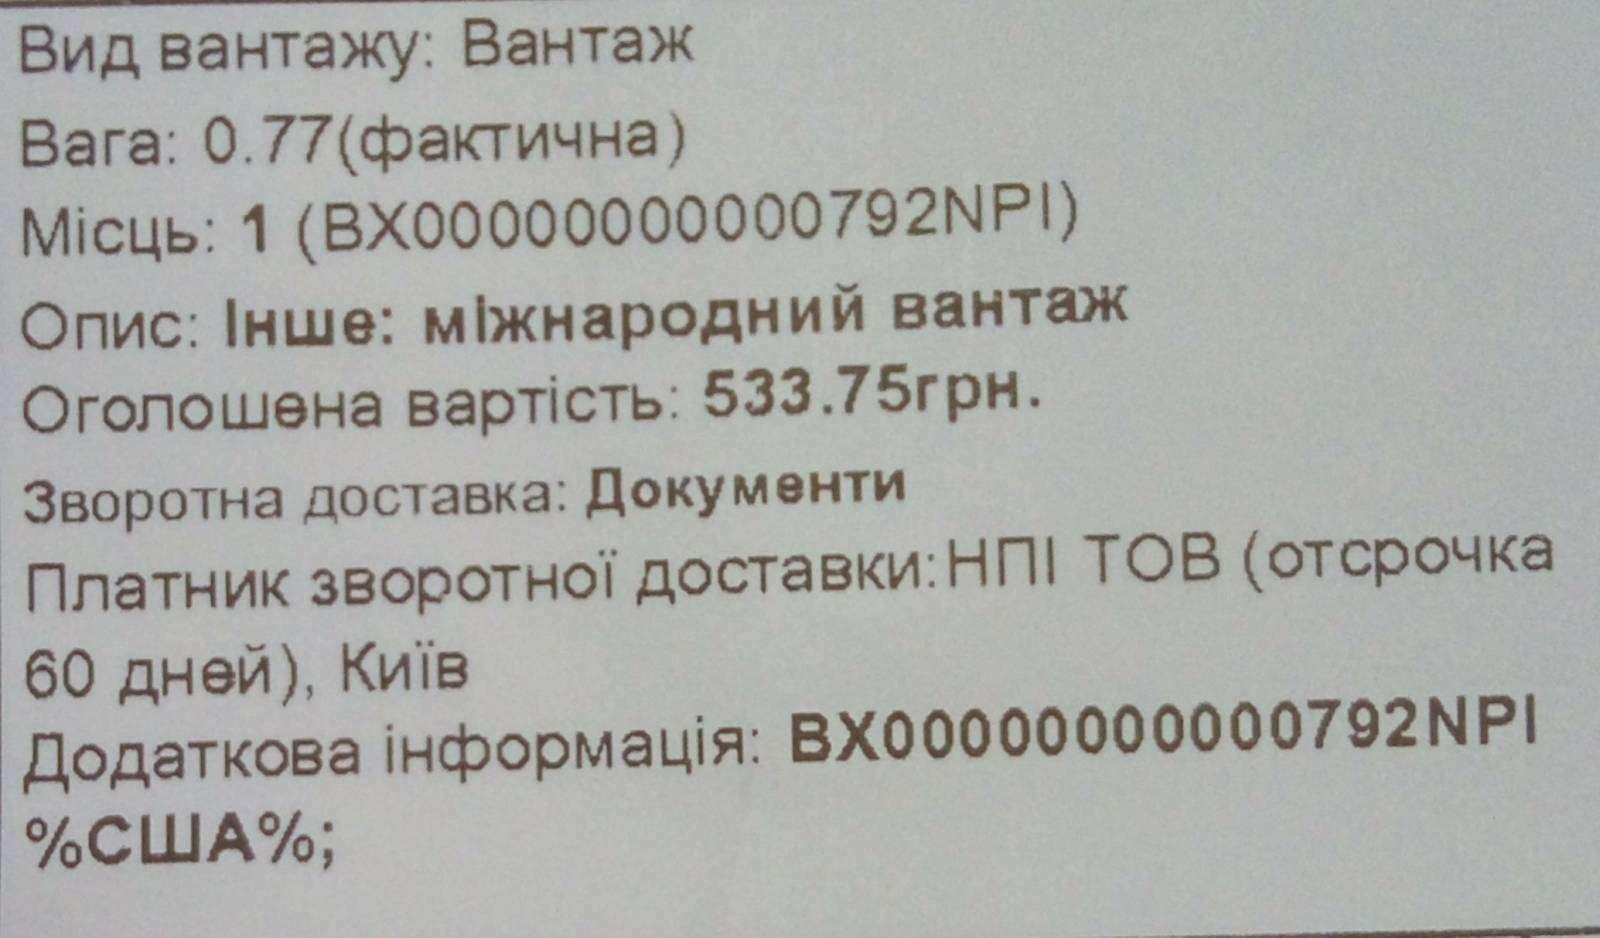 IHerb: Очередная посылка с iherb - новый способ доставки в Украину boxberry